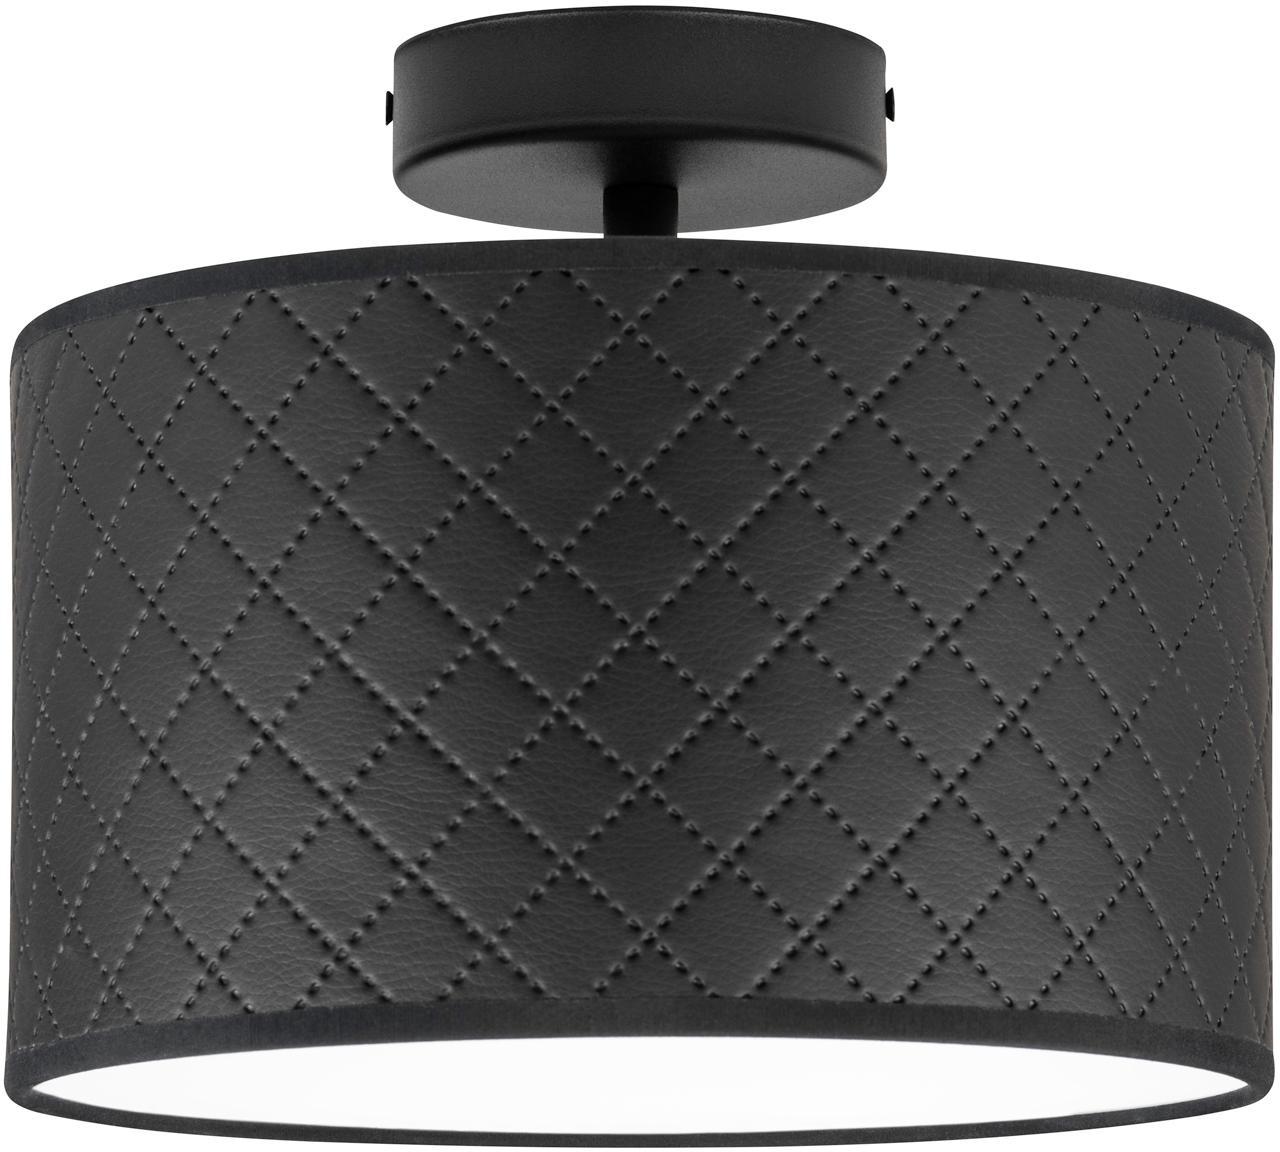 Lampa sufitowa ze skóry Trece, Czarny, Ø 25 x W 20 cm